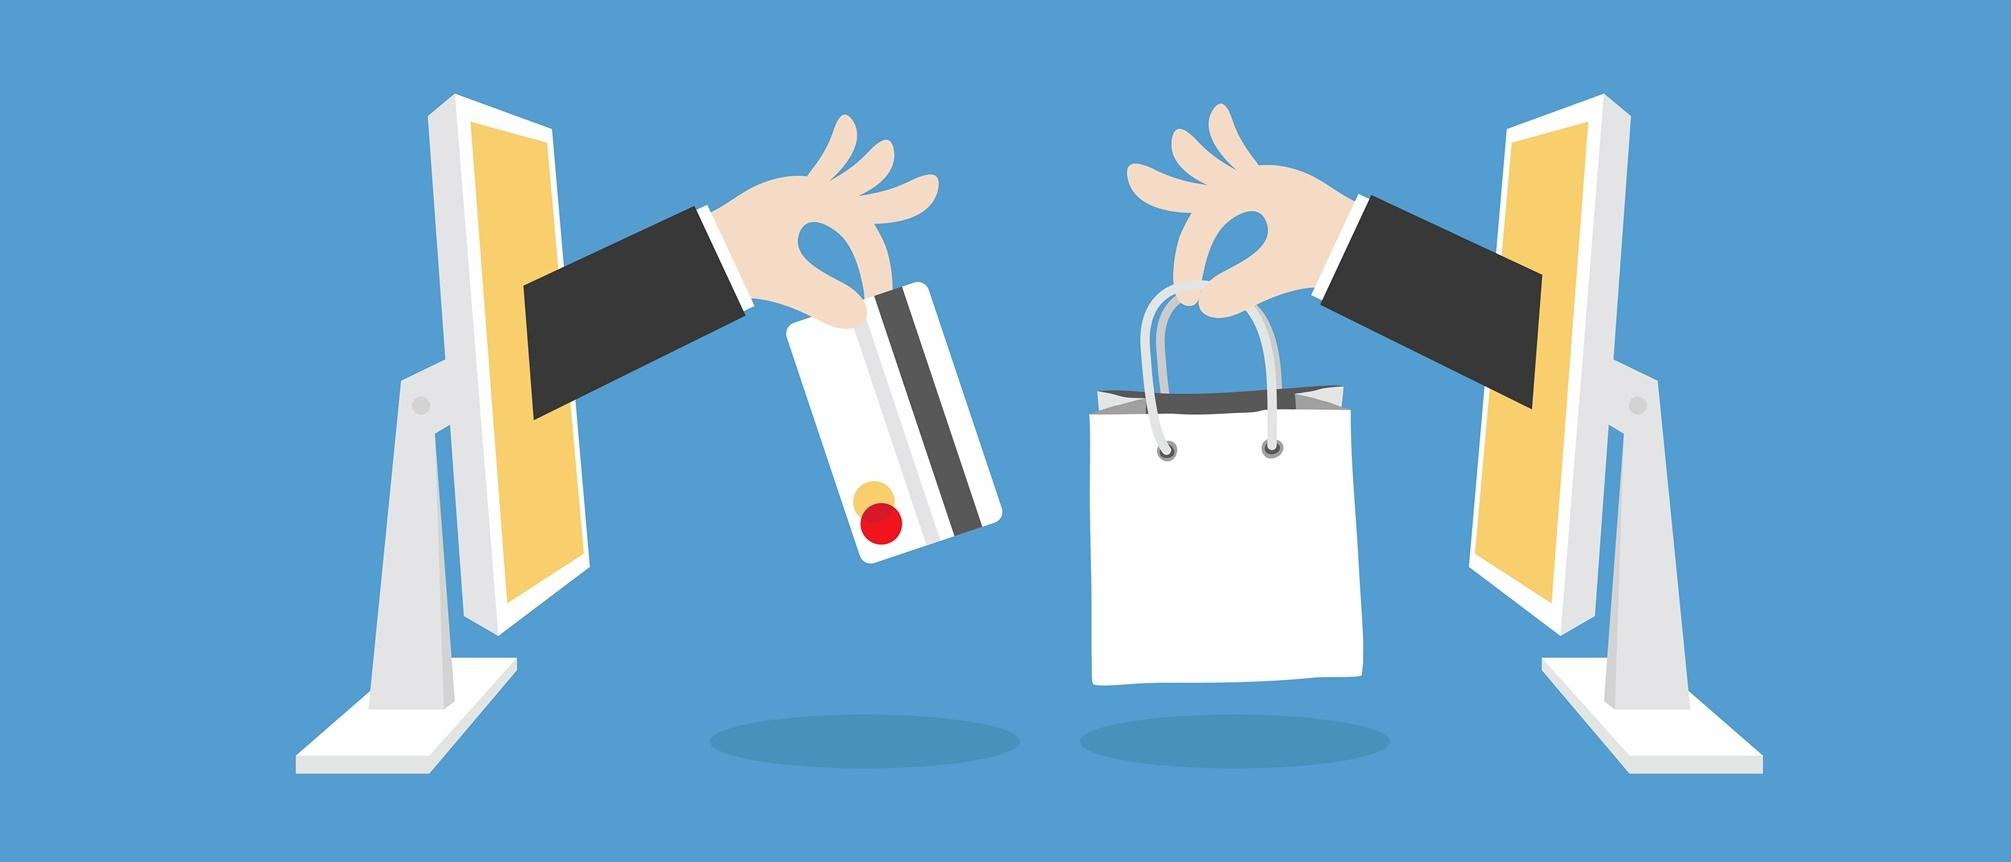 Nordeste é a região que mais compra moda pelo celular, diz Mercado Livre